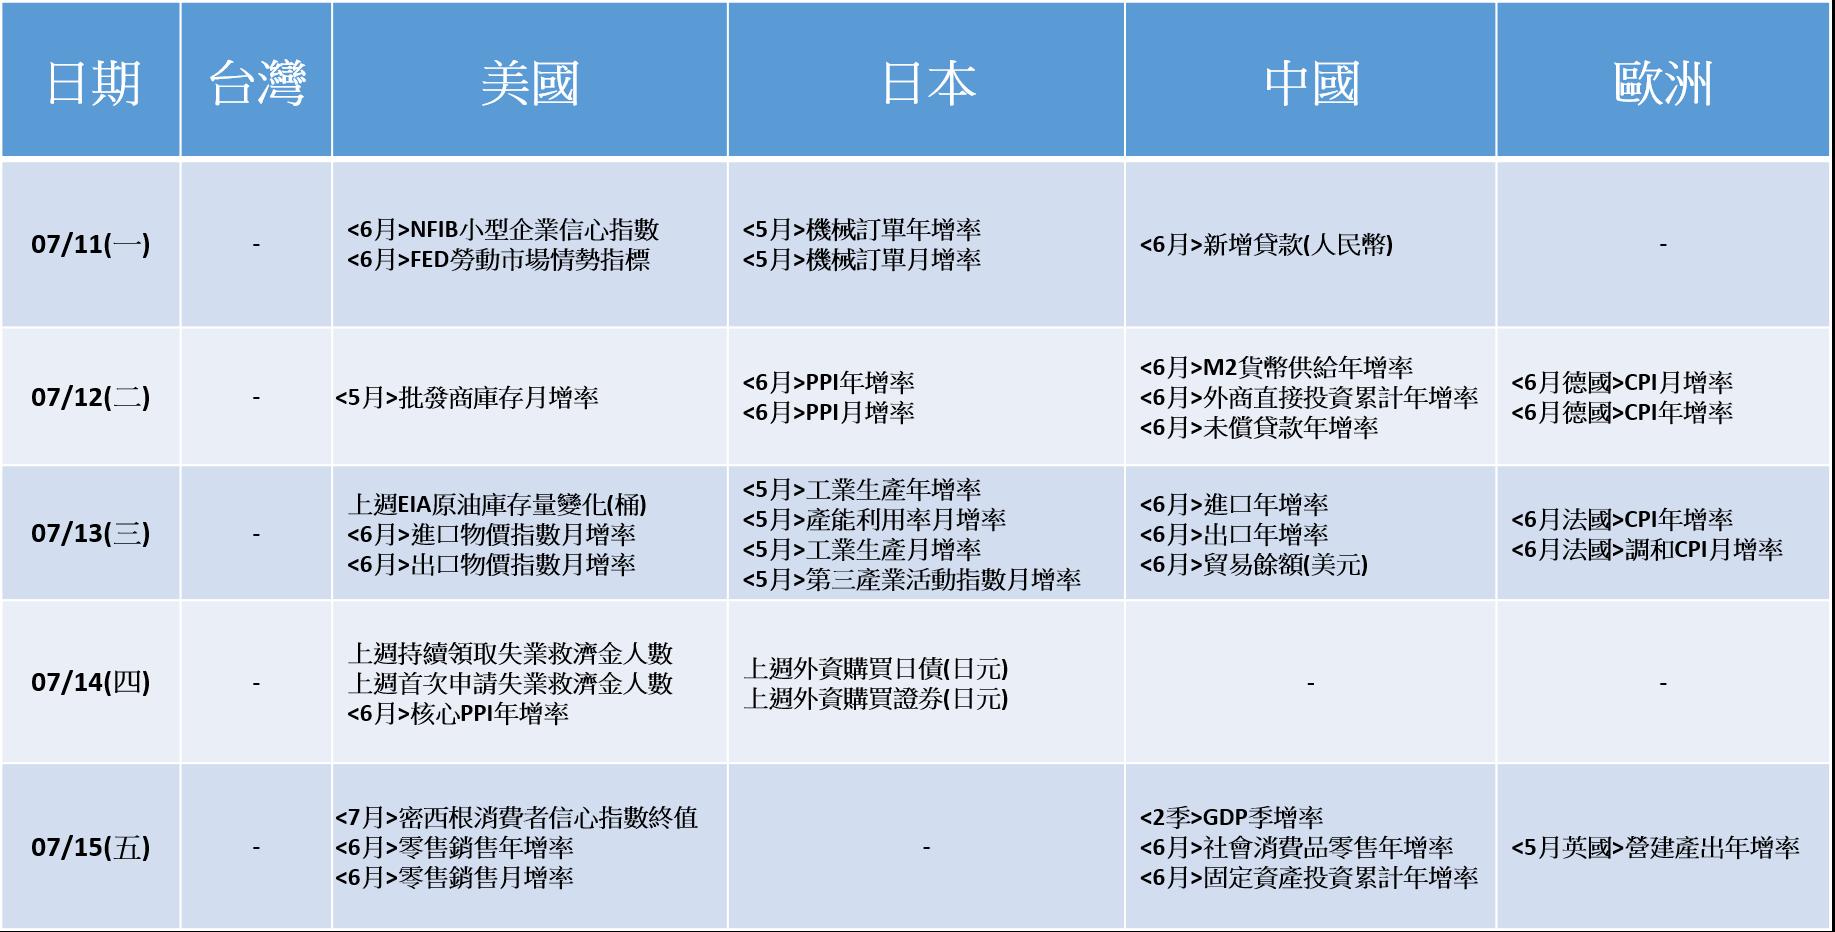 20160711~20160715_經濟數據